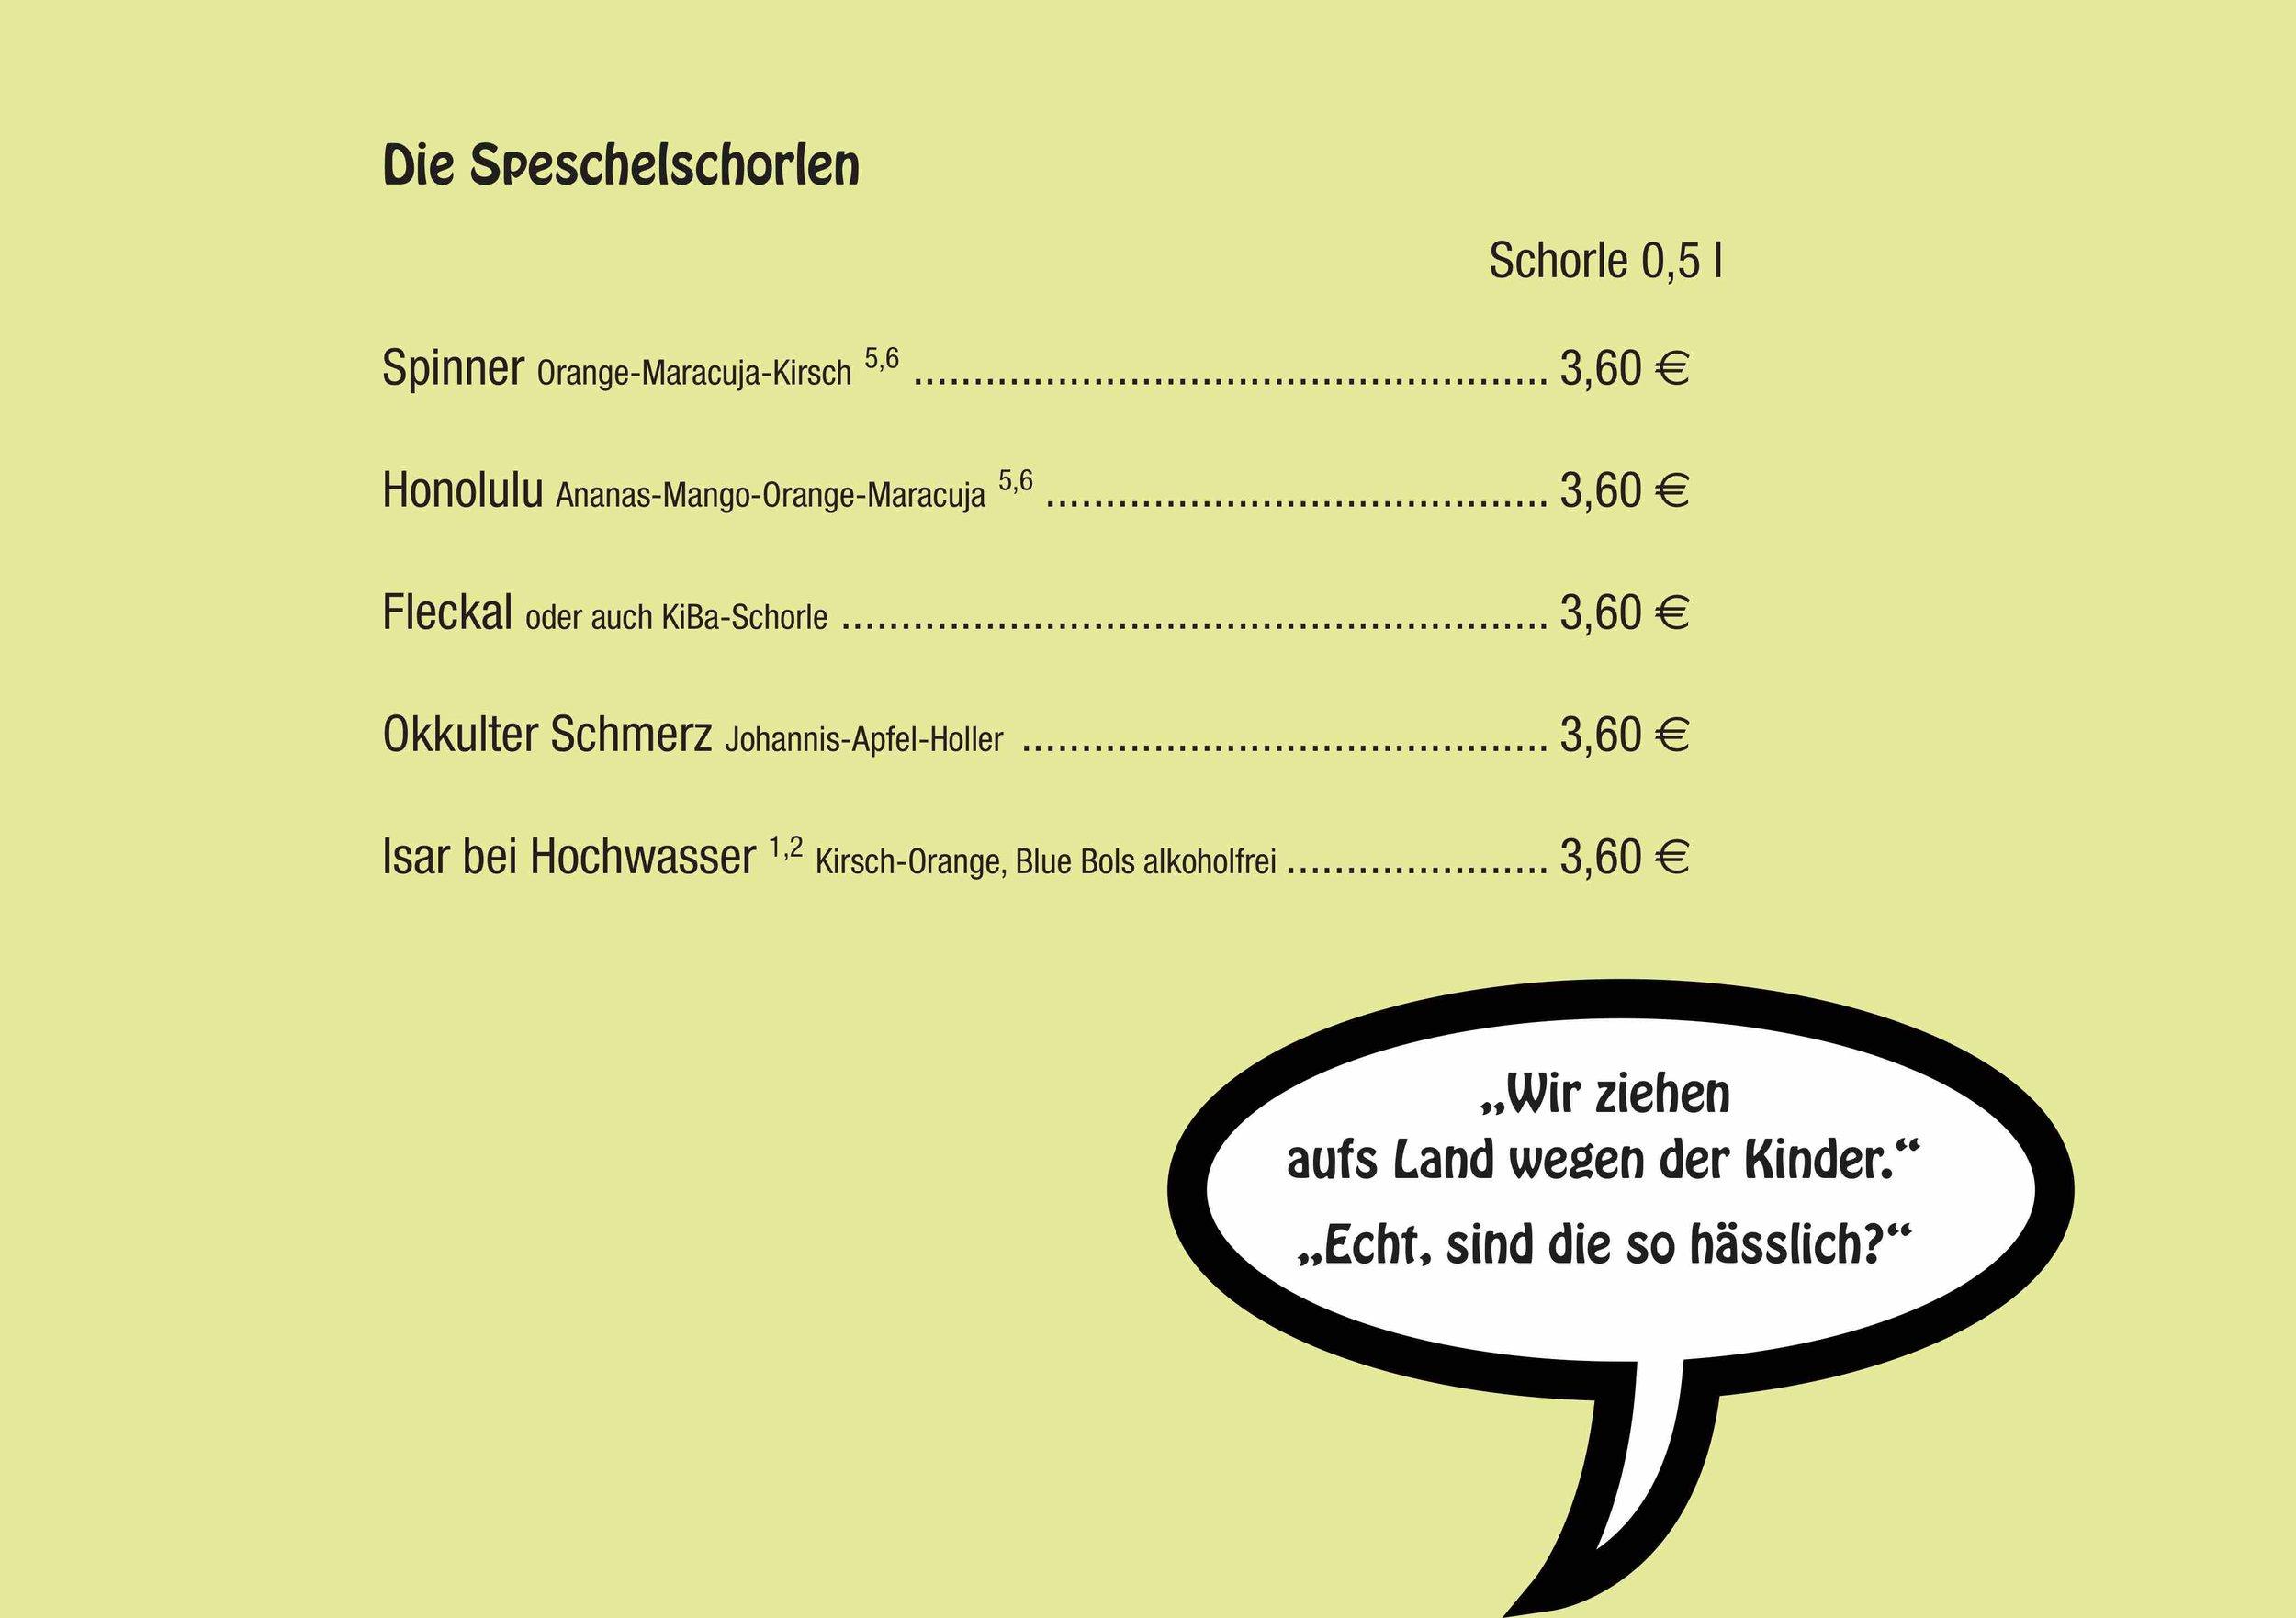 Kesselhaus_Bad_Tölz_Speisekarte_Die_Speschelschorlen.jpg